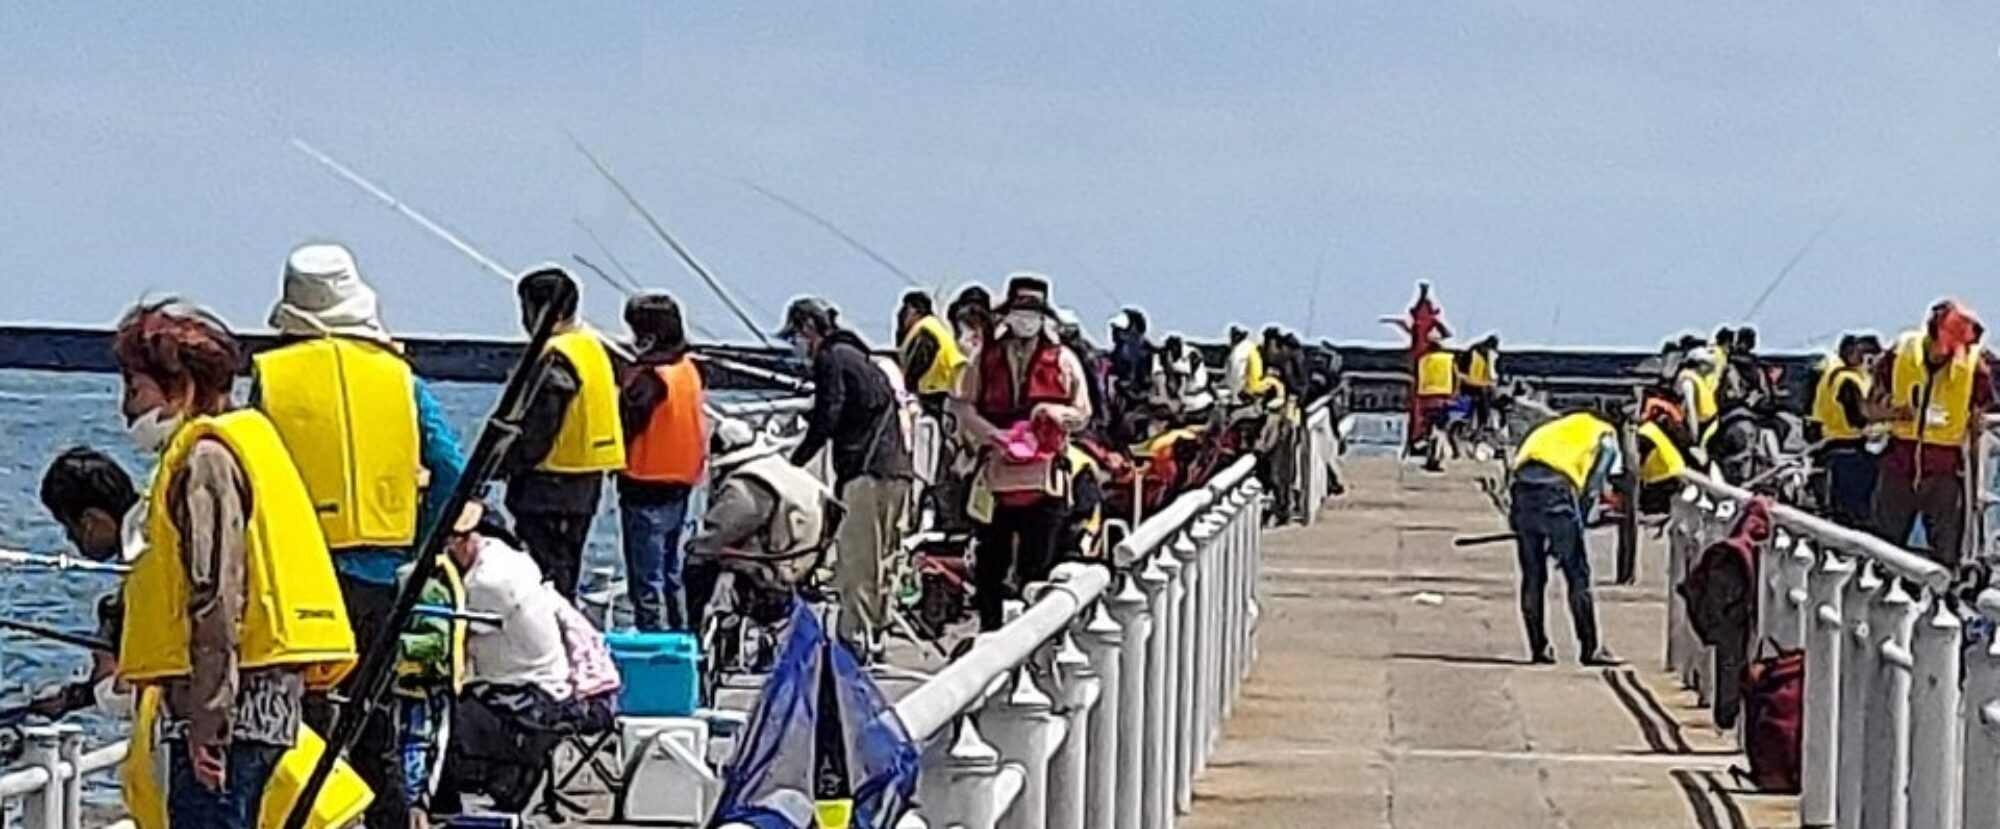 鹿島港魚釣園 (かしまこう うおつりえん)